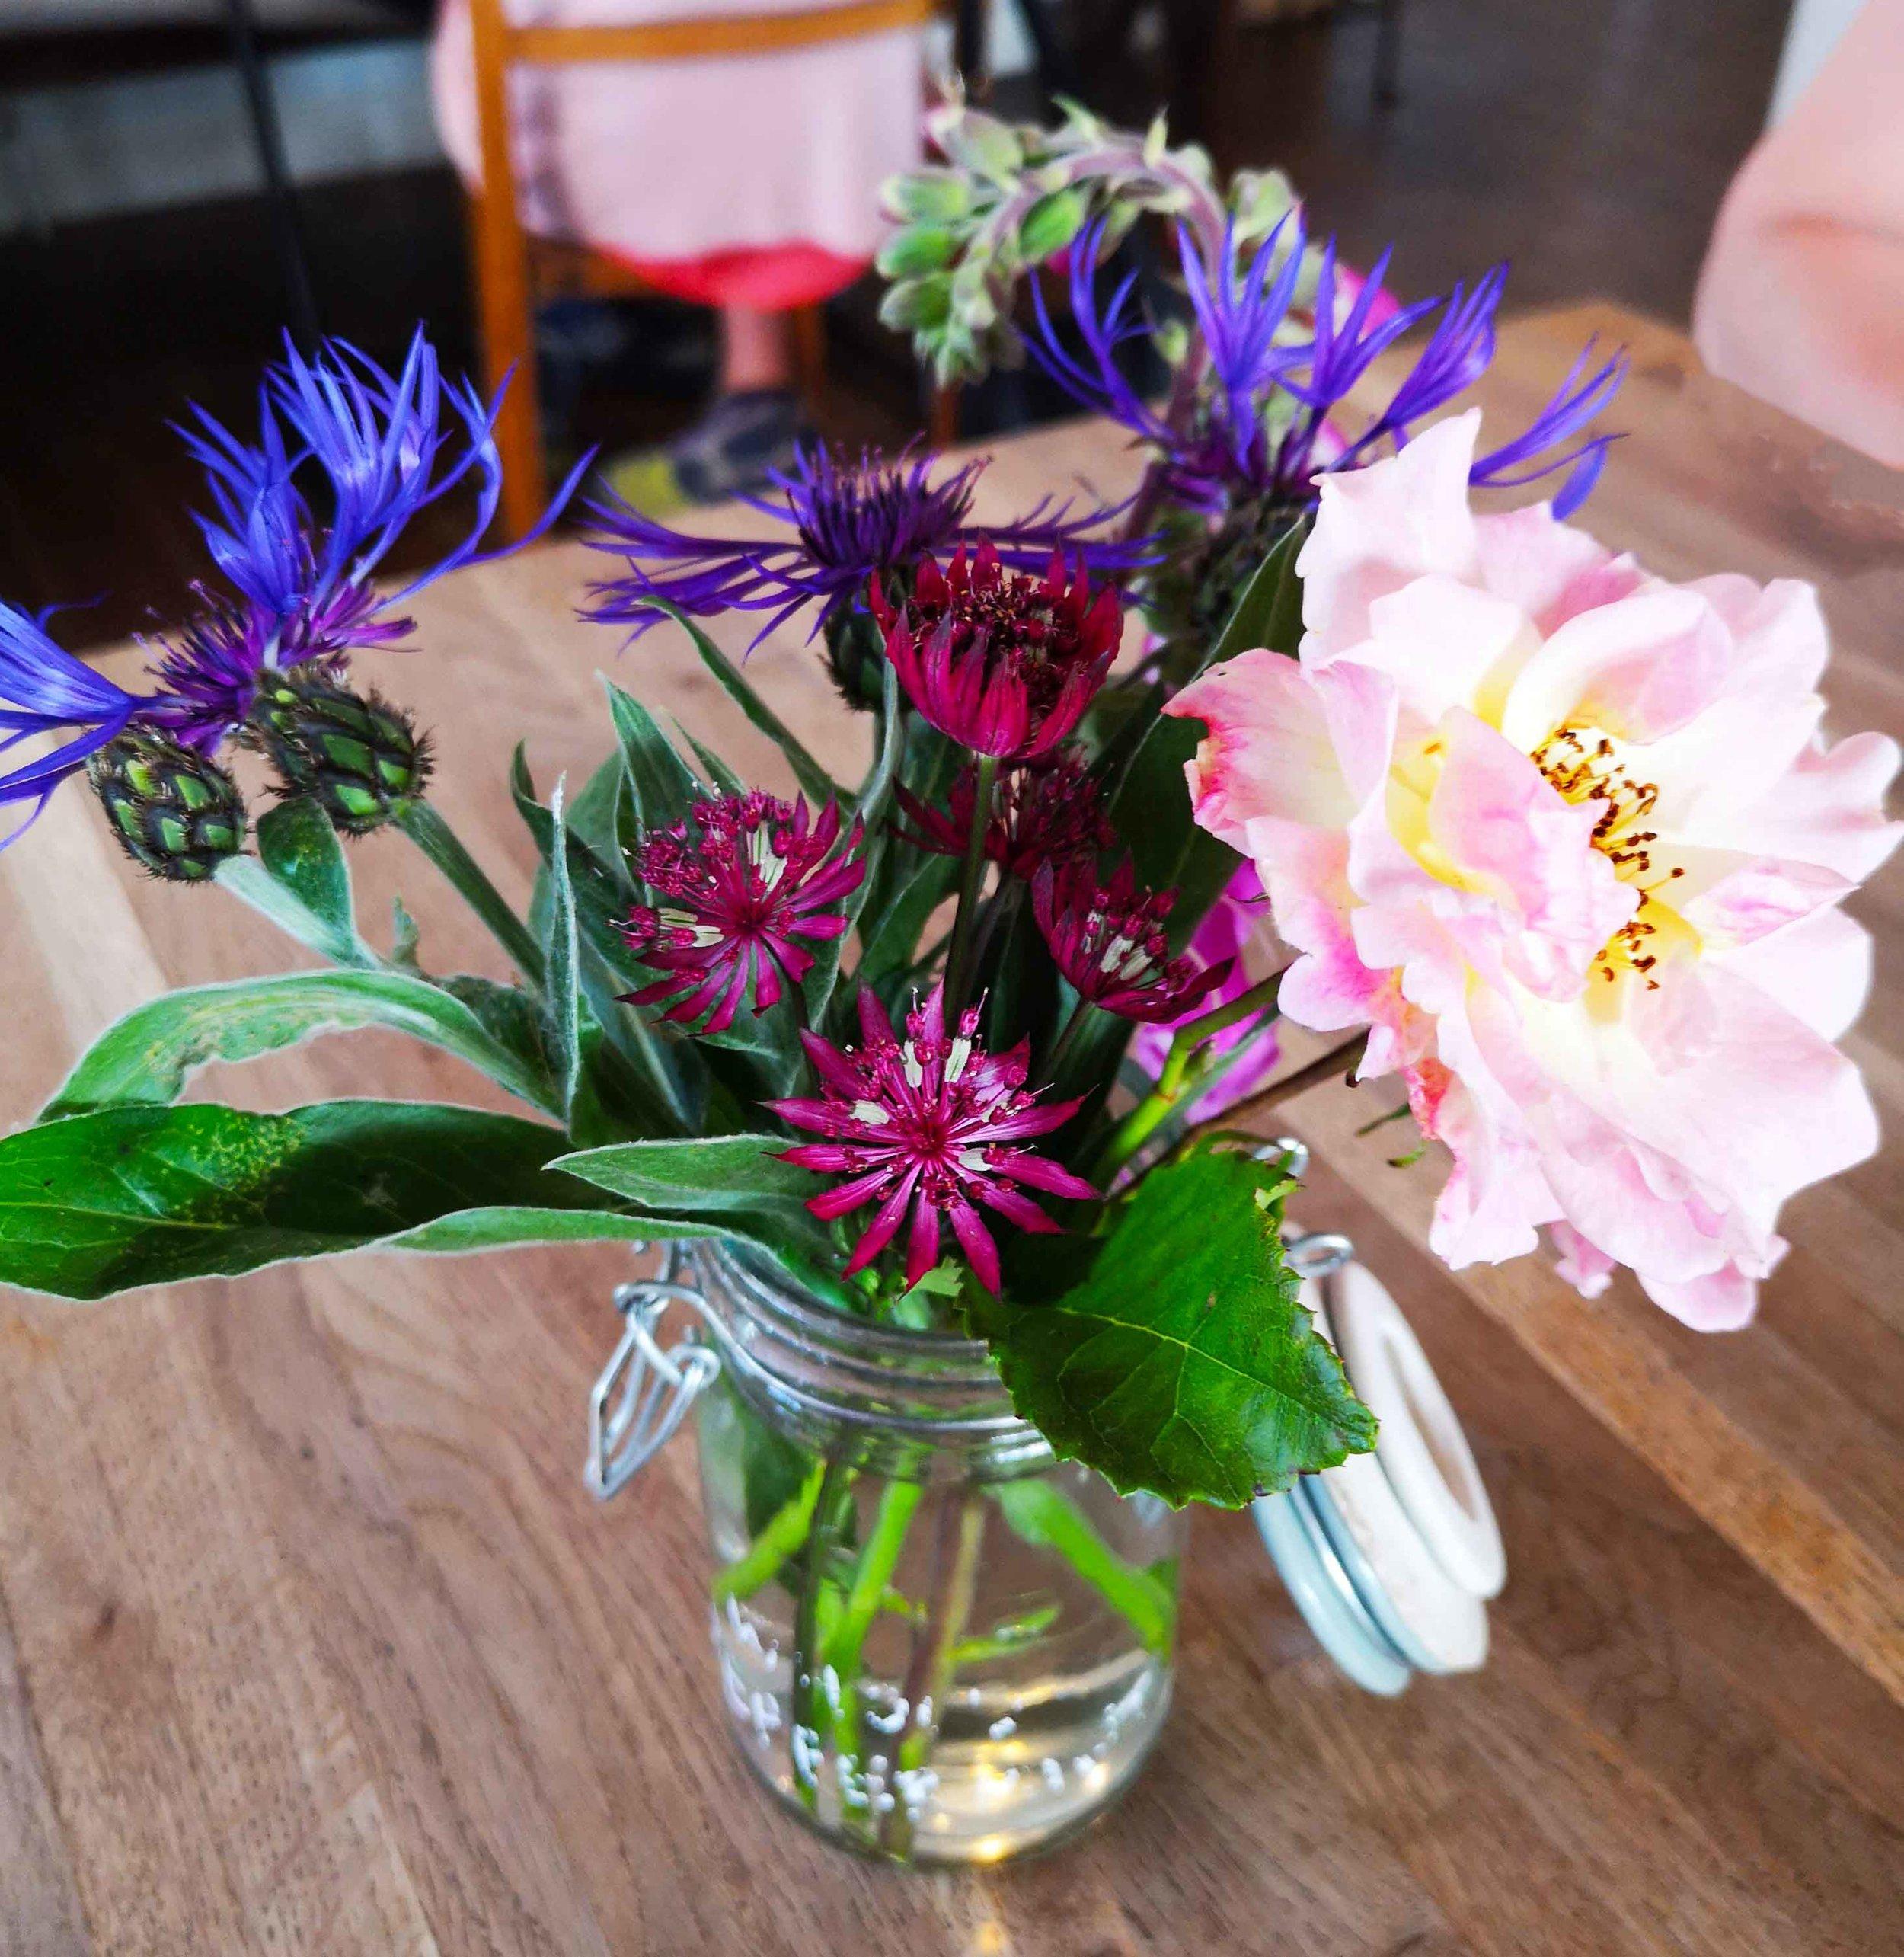 Mainstreet deli flowers.jpg